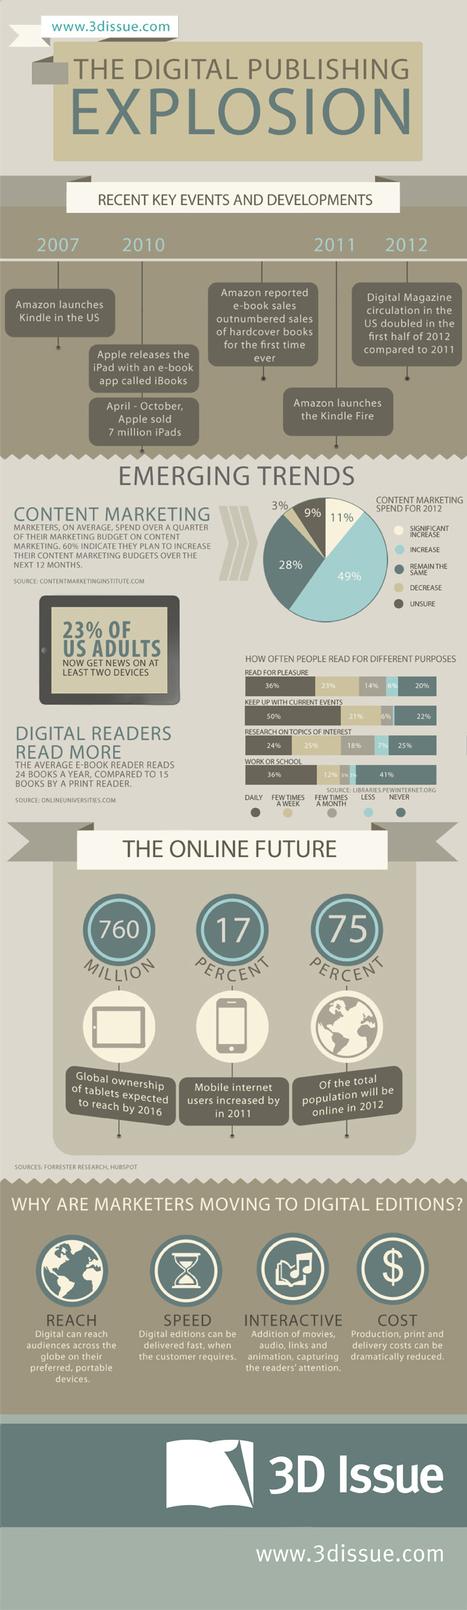 L'esplosione del digital publishing e degli eBook in un'infografica | Come Creare e Pubblicare un eBook | Scoop.it